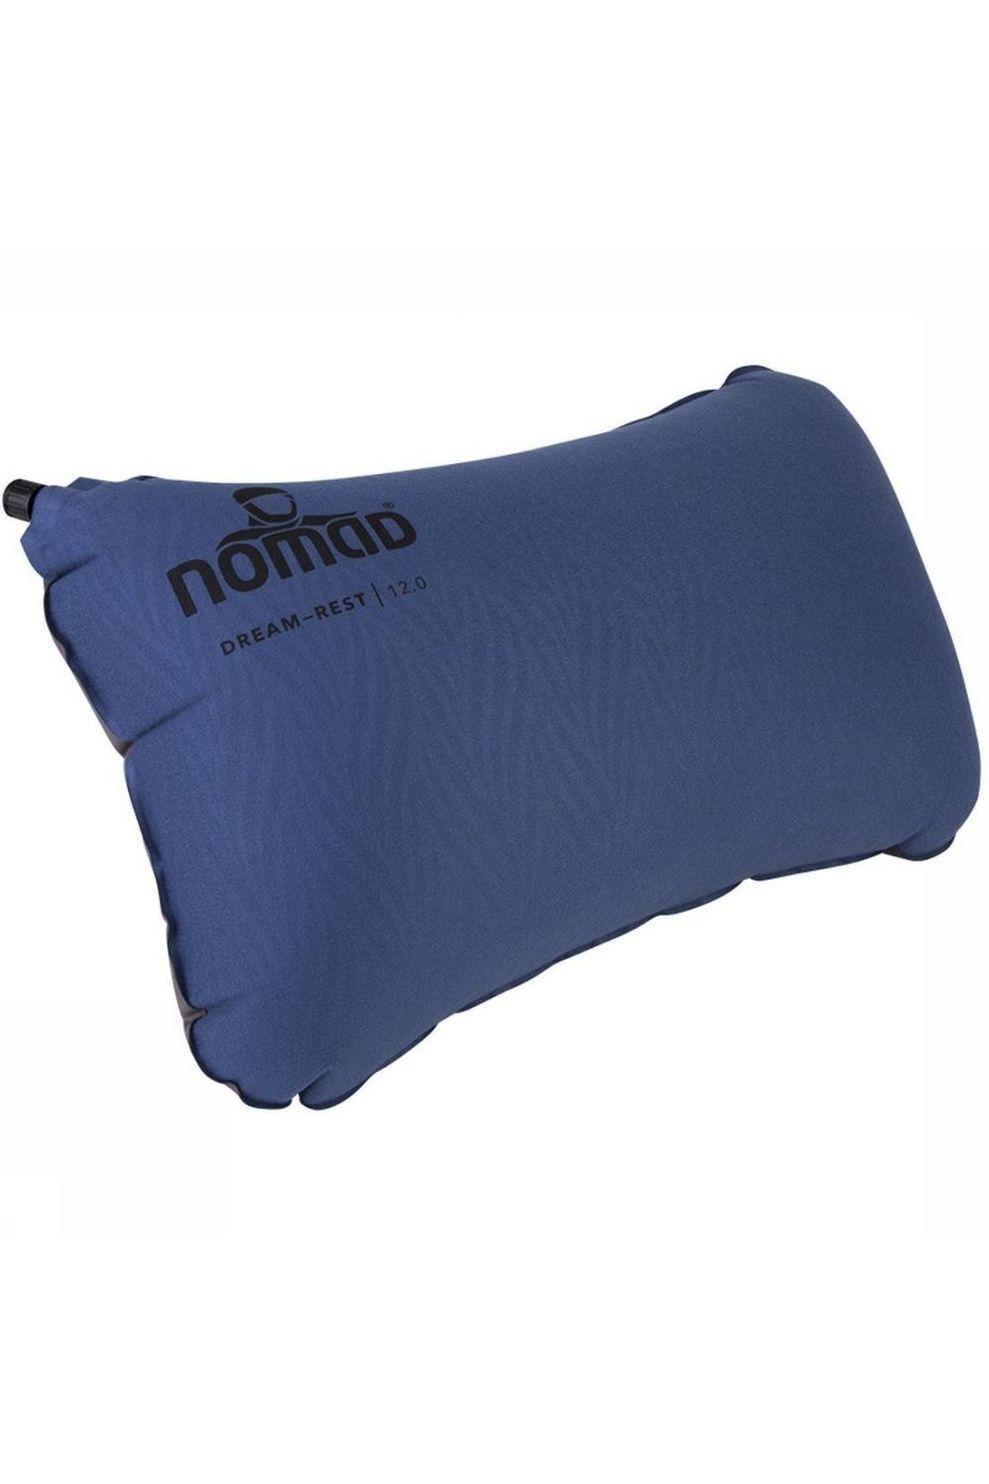 Nomad Kussen Dream-Rest 12.0 - Blauw